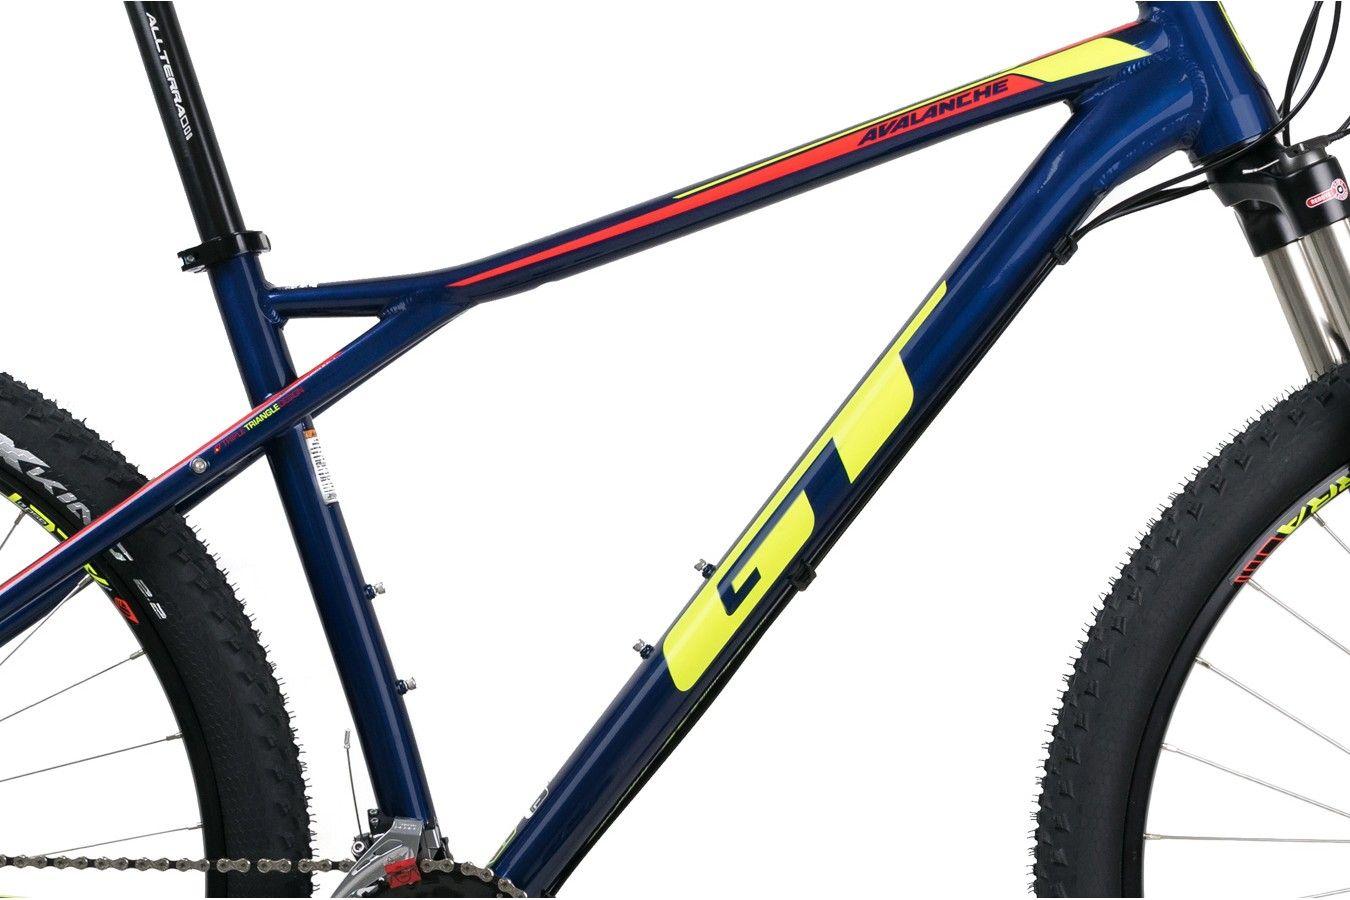 Bicicleta GT Avalanche Elite 29 - 20v Shimano Deore - Freio hidráulico - Valor referente a 45.8% do total da Bike.